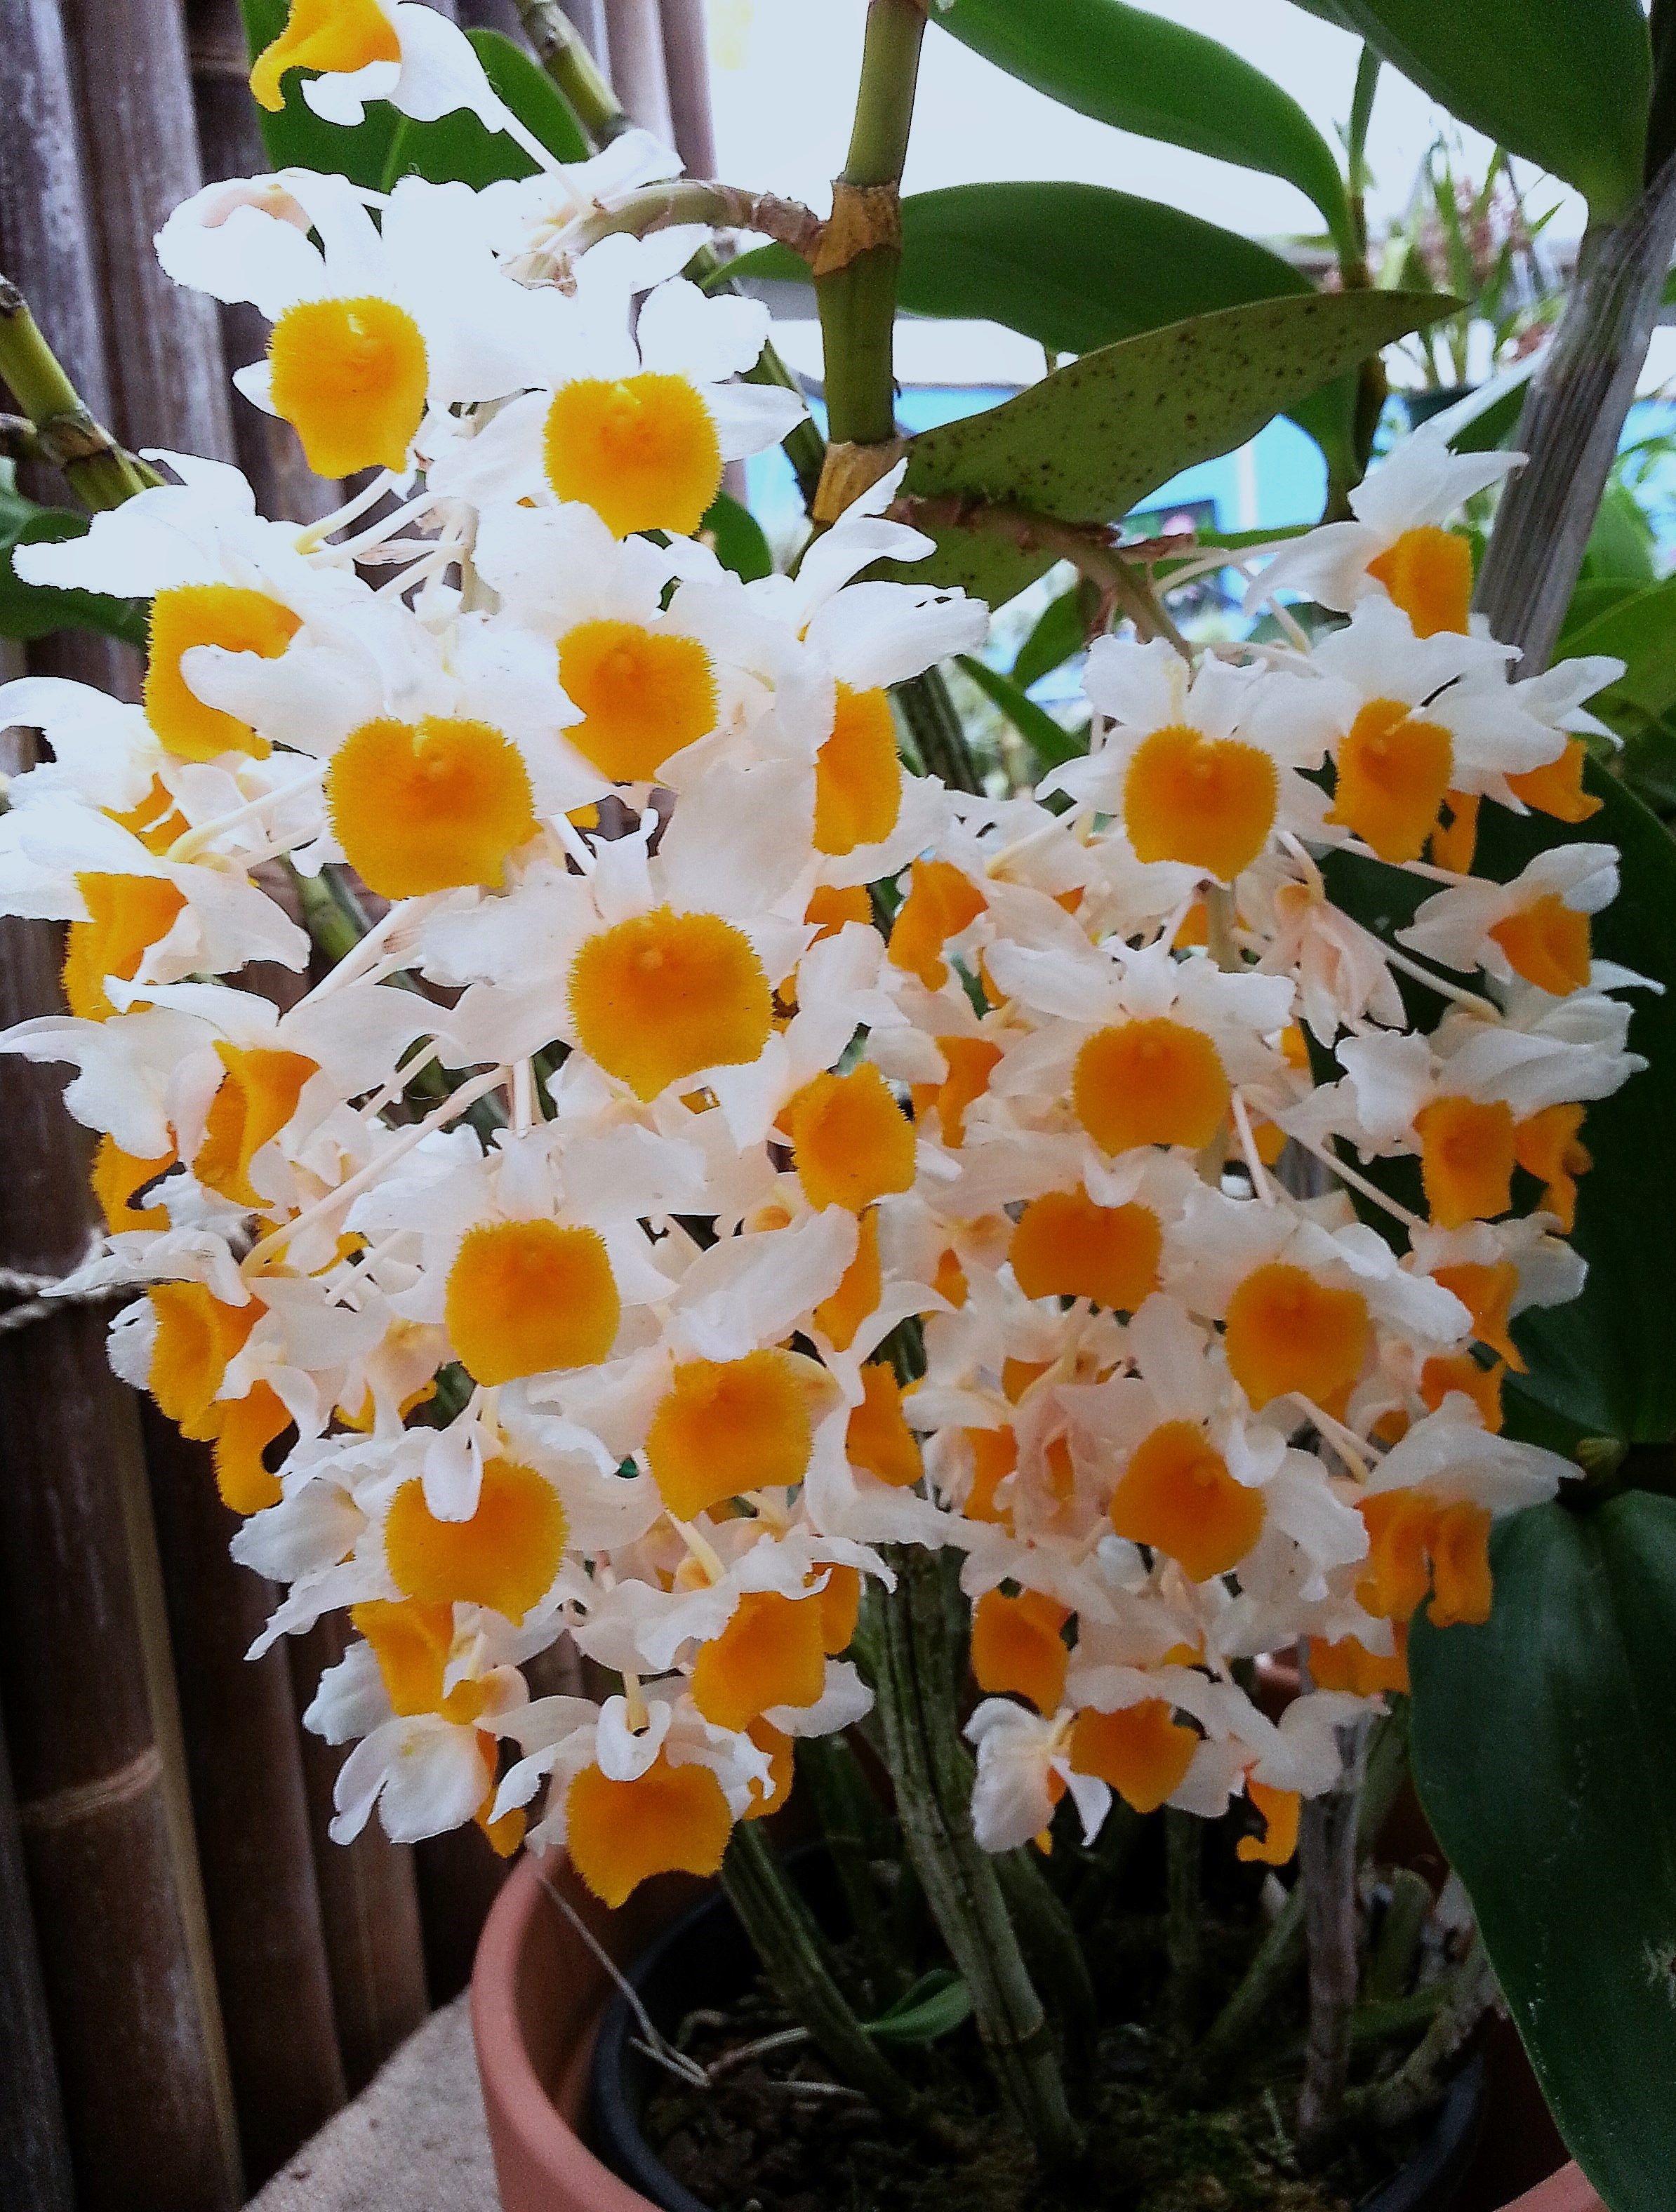 Dendrobium Orchid Den Densiflorum Alba Lutea Dendrobium Orchids Flower Photos Orchids